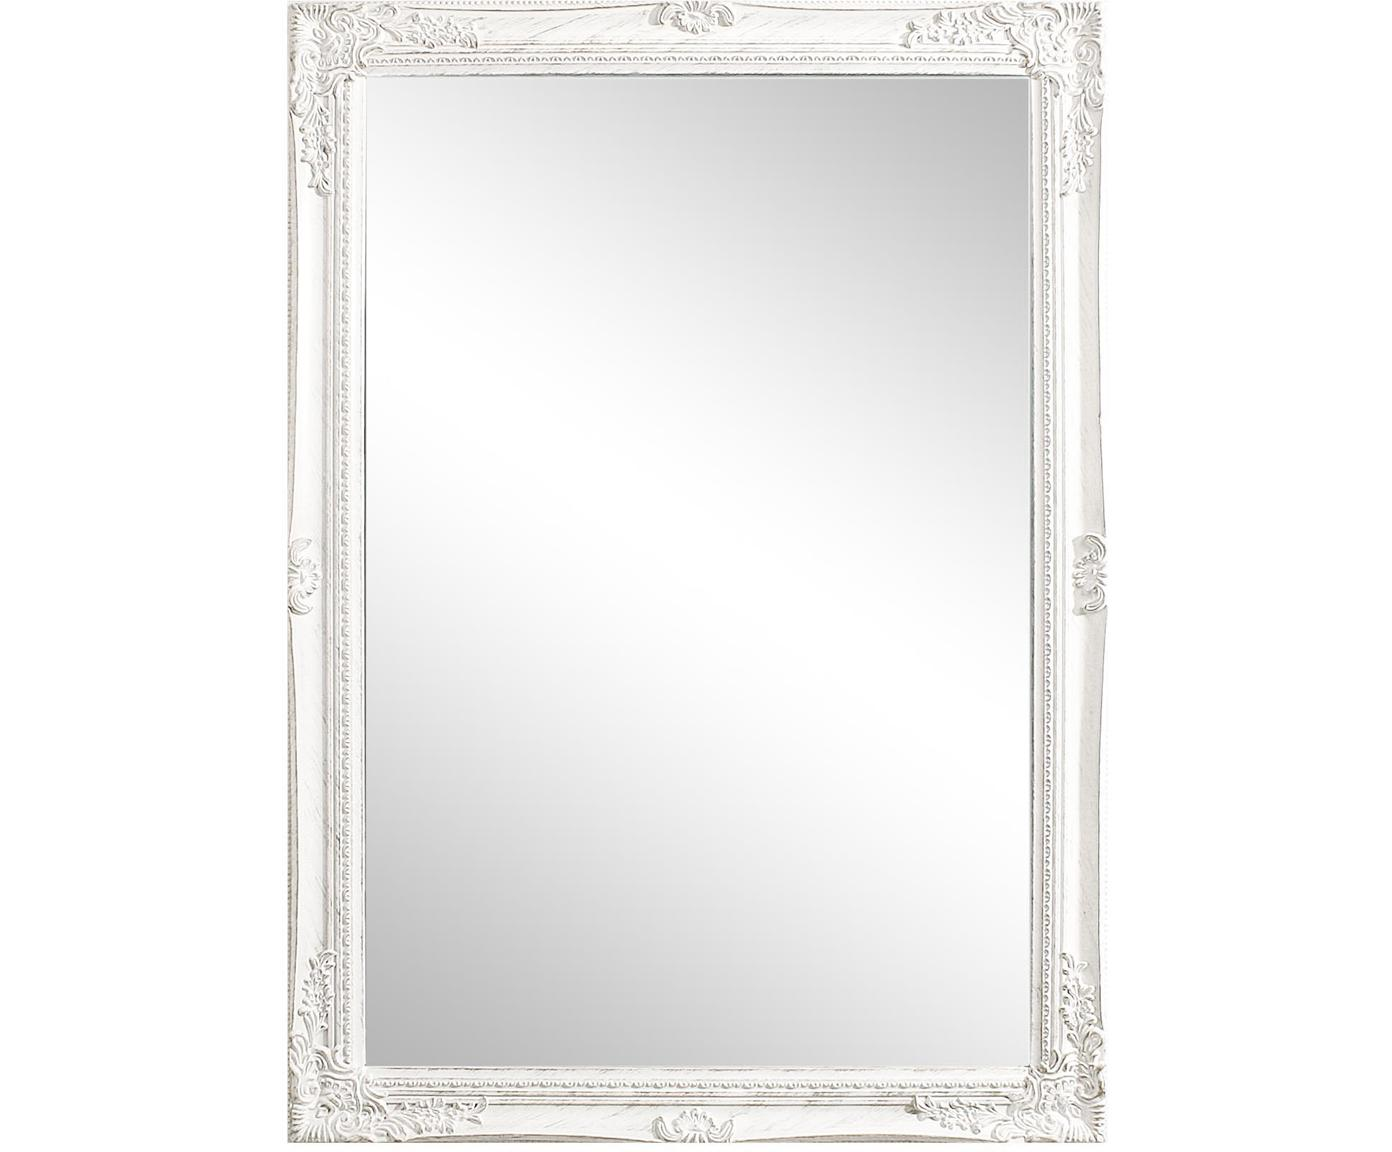 Prostokątne lustro ścienne z drewna Miro, Biały, S 72 x W 102 cm